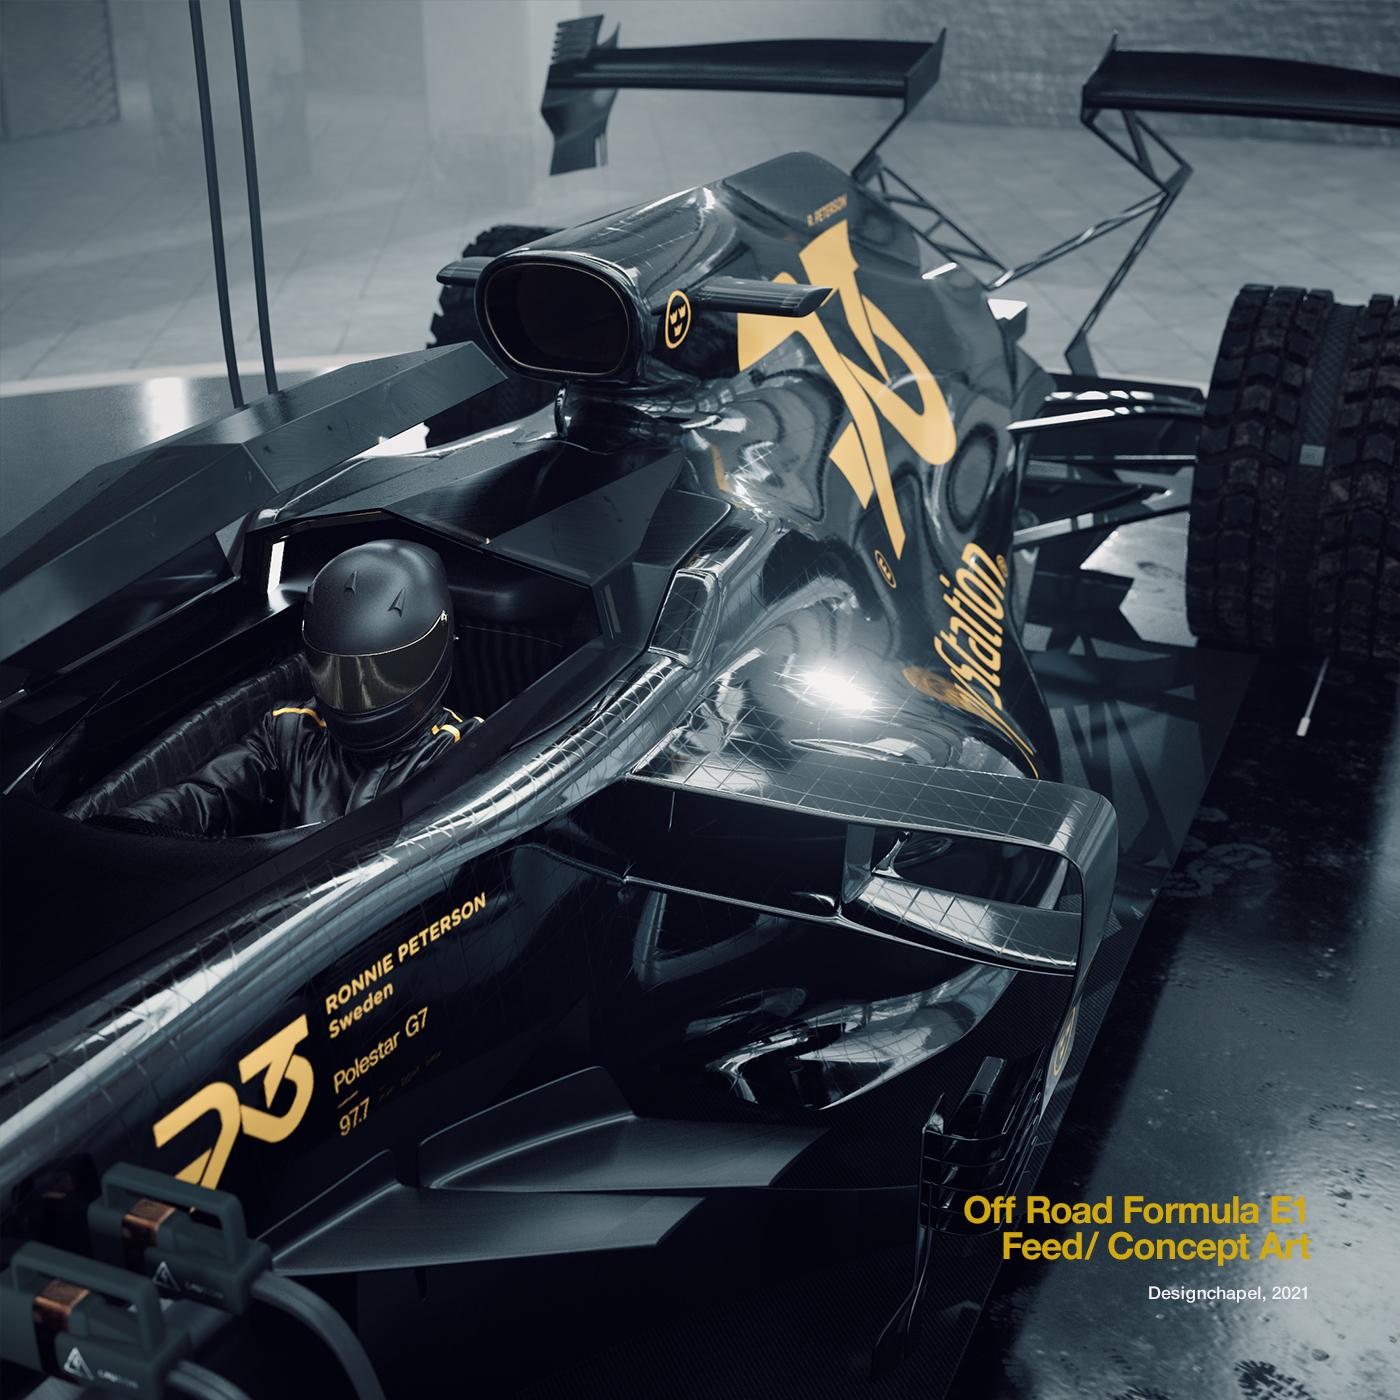 Off Road F1